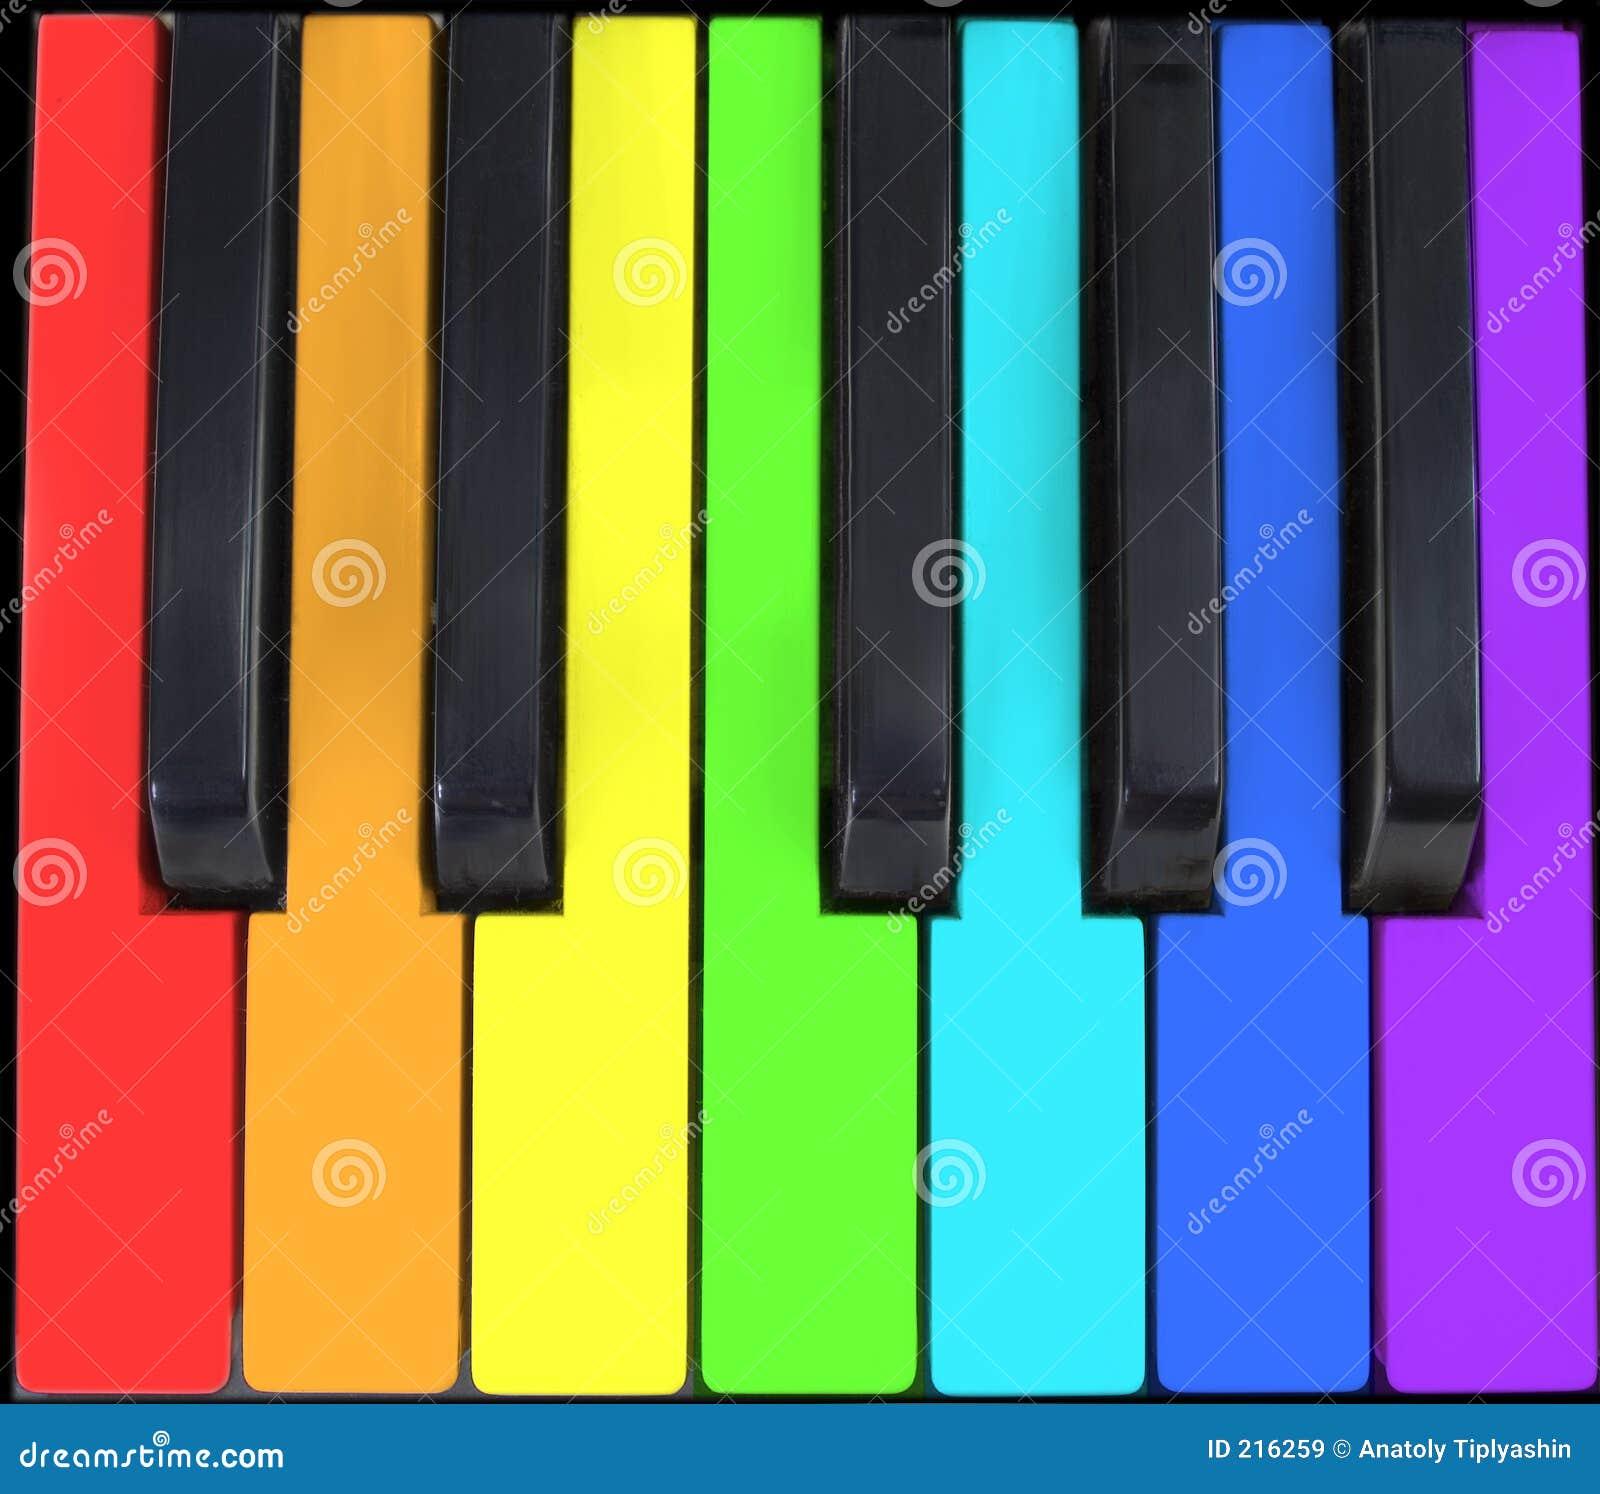 Tastiera in Rainbow